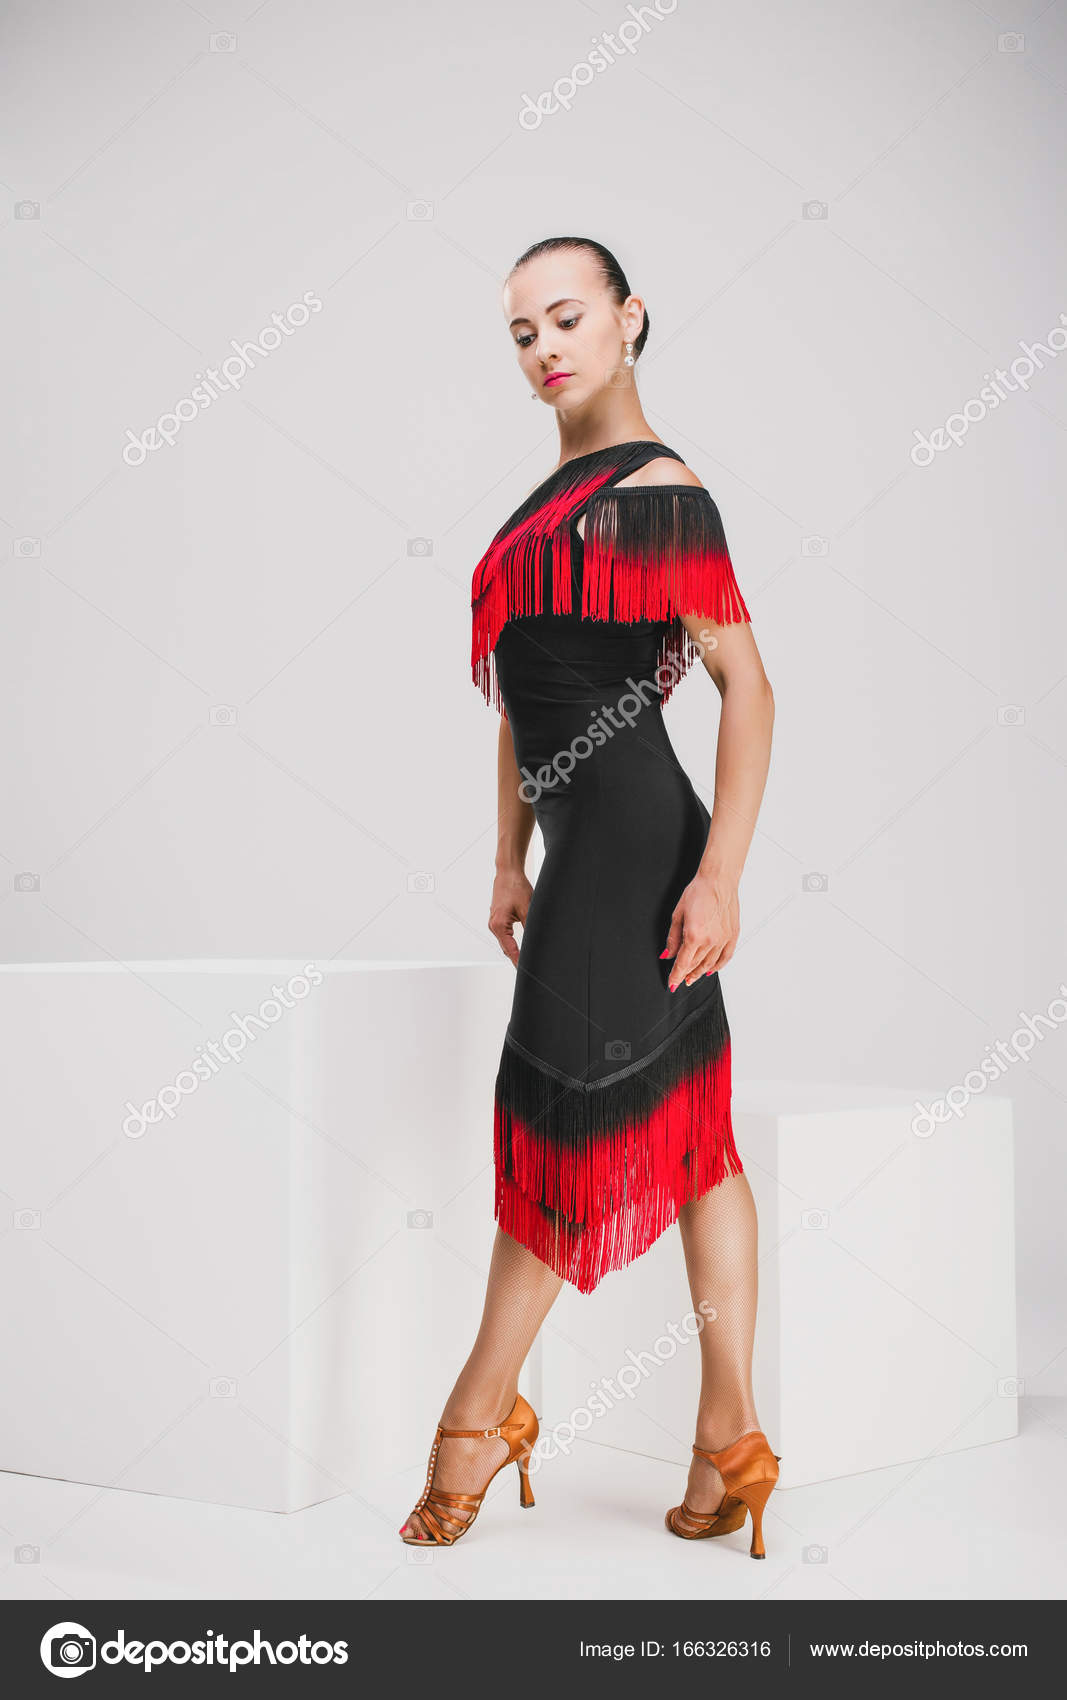 sneakers for cheap b72f2 2bd25 Donna graziosa in vestito rosso e nero, ruotando all ...